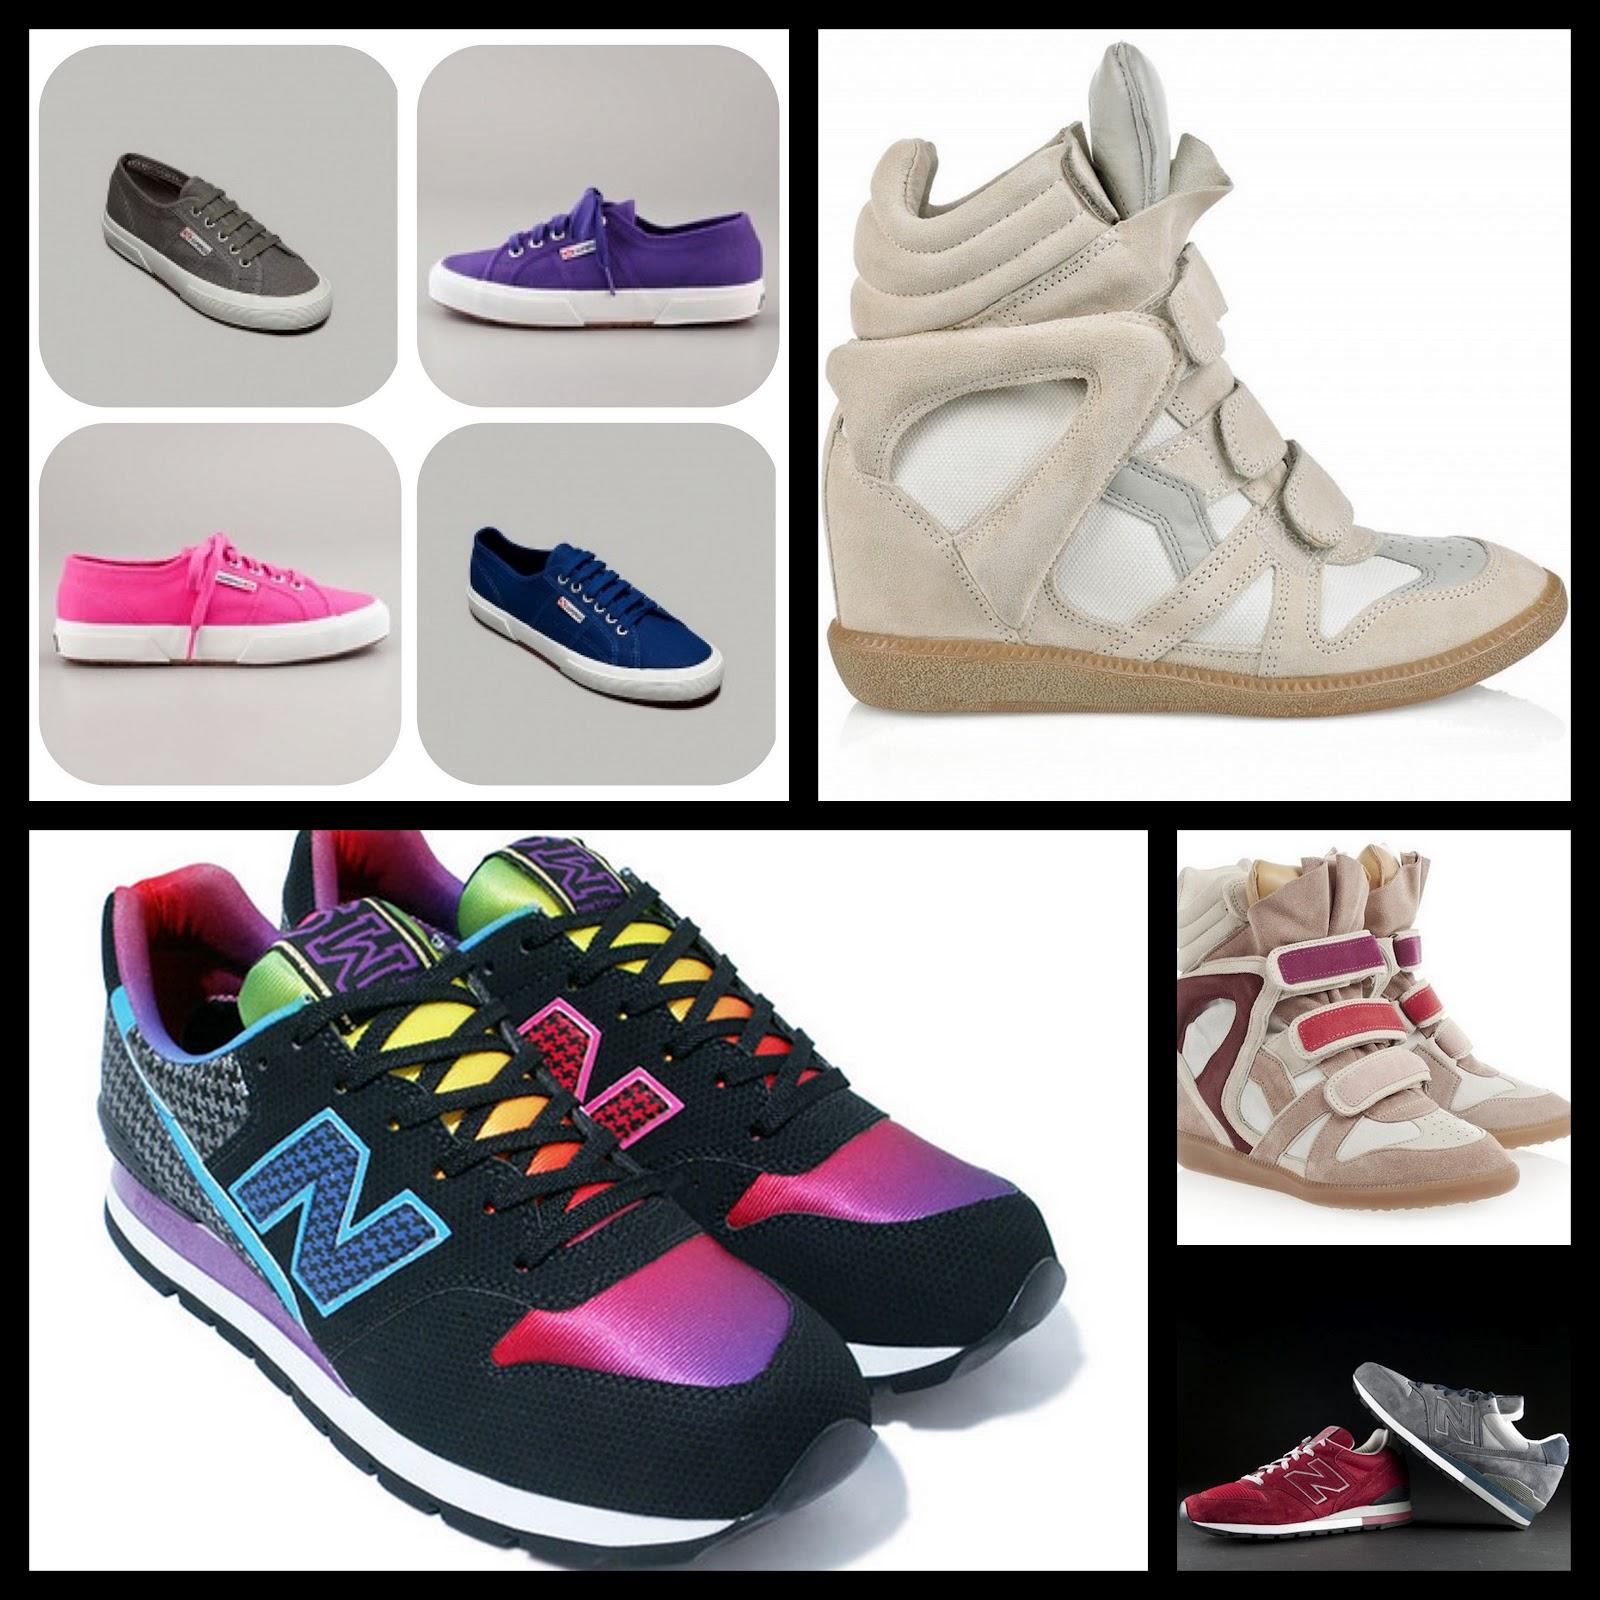 http://1.bp.blogspot.com/-0HFHx2K8Ej4/T1odhqUCsqI/AAAAAAAACRQ/Aoowk_CwaOY/s1600/Shoes+Wishlist+Fashiondetoks.jpg